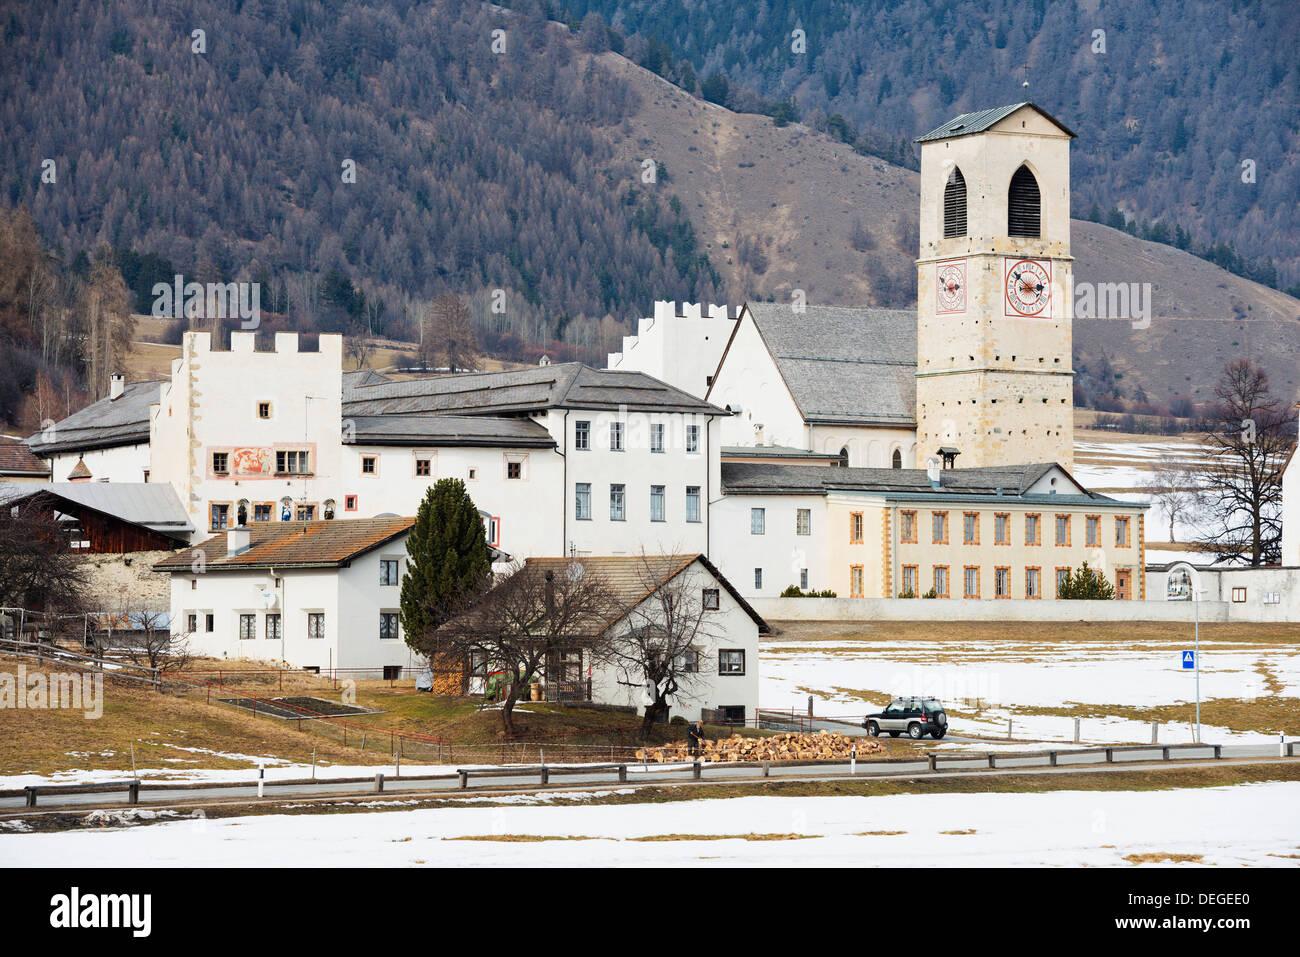 Église de monastère bénédictin, Monastère de Saint Johann, l'UNESCO, Mustair, Grisons, Suisse, Suisse Photo Stock